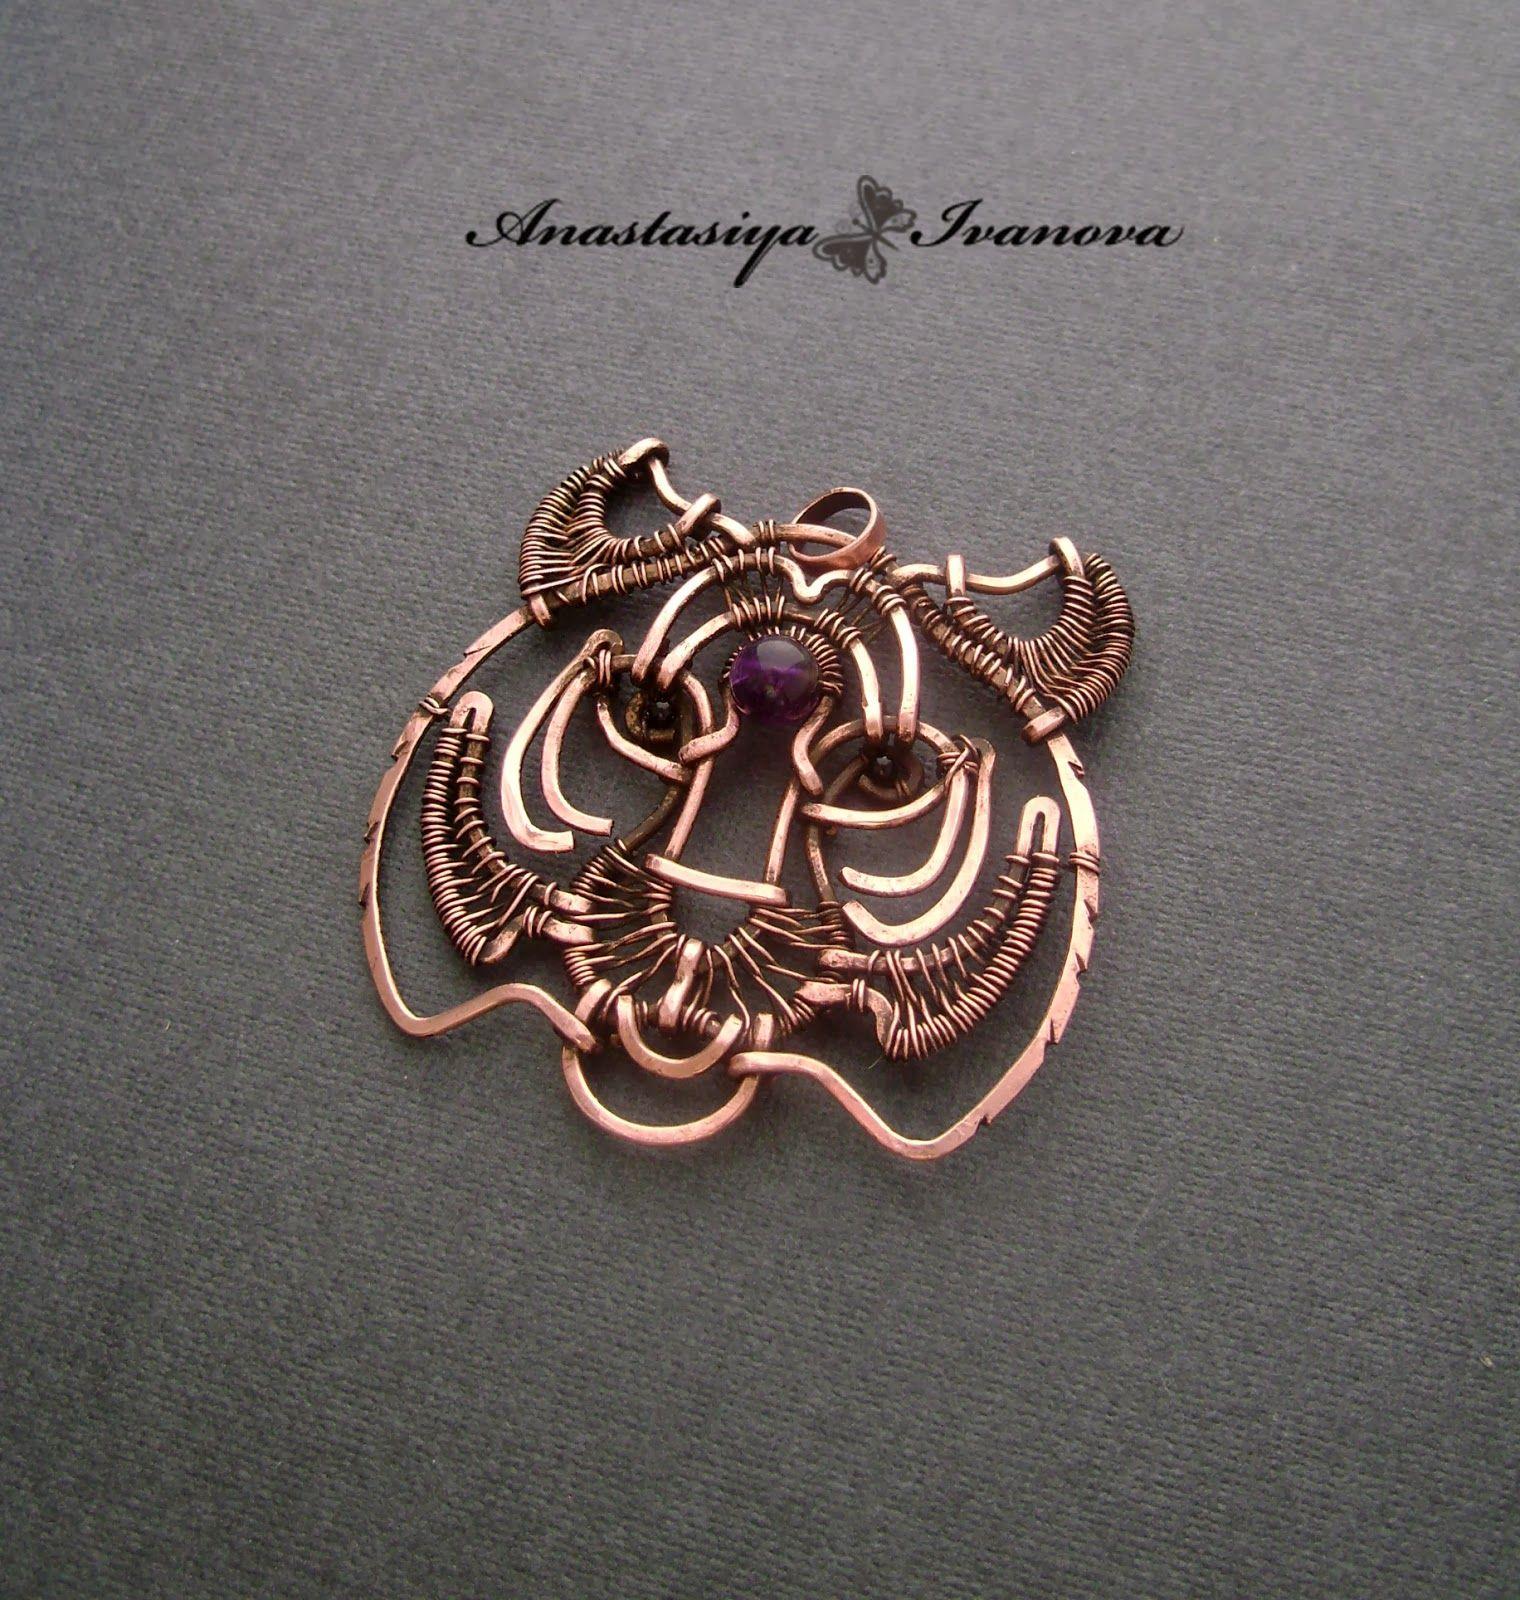 Pin by Katherine Ryan on Jewelry | Pinterest | Jewelry ideas